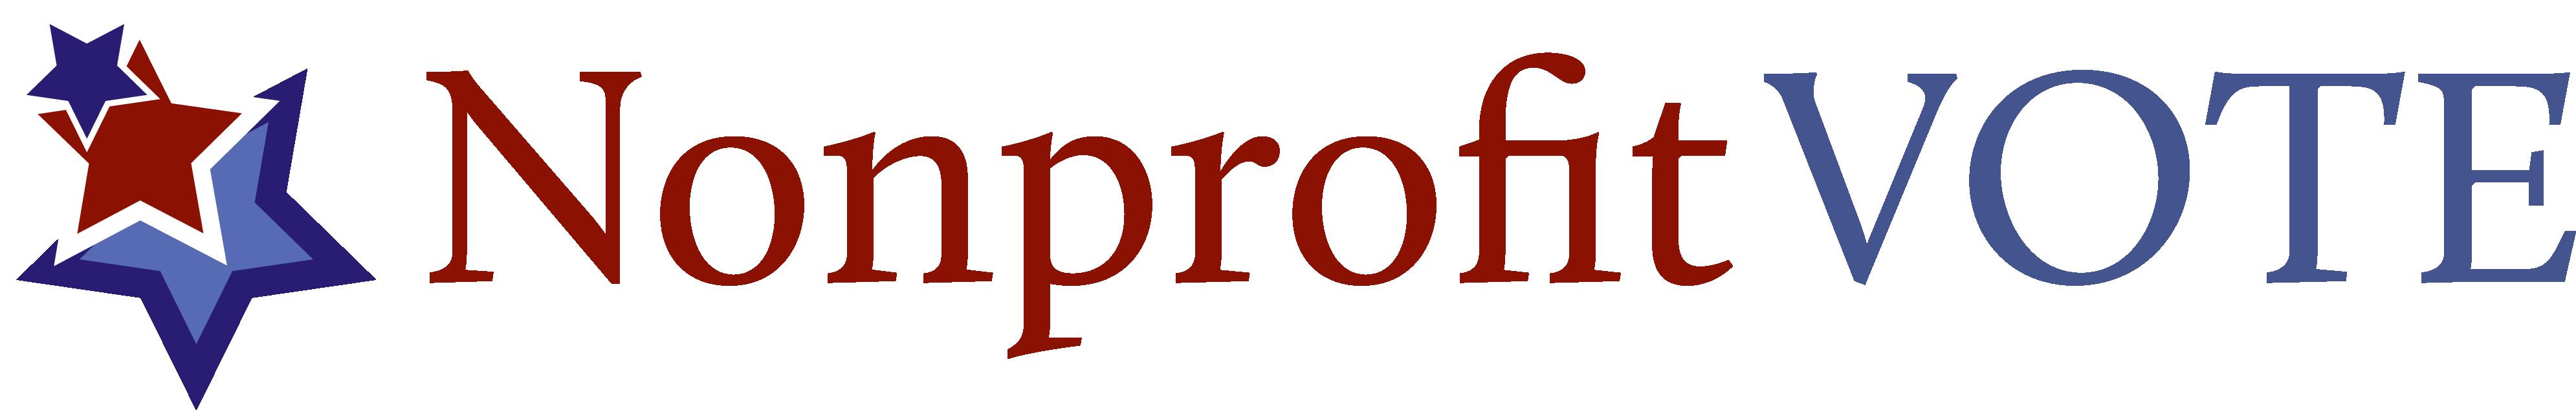 Nonprofit VOTE (nonprofitvote.org)